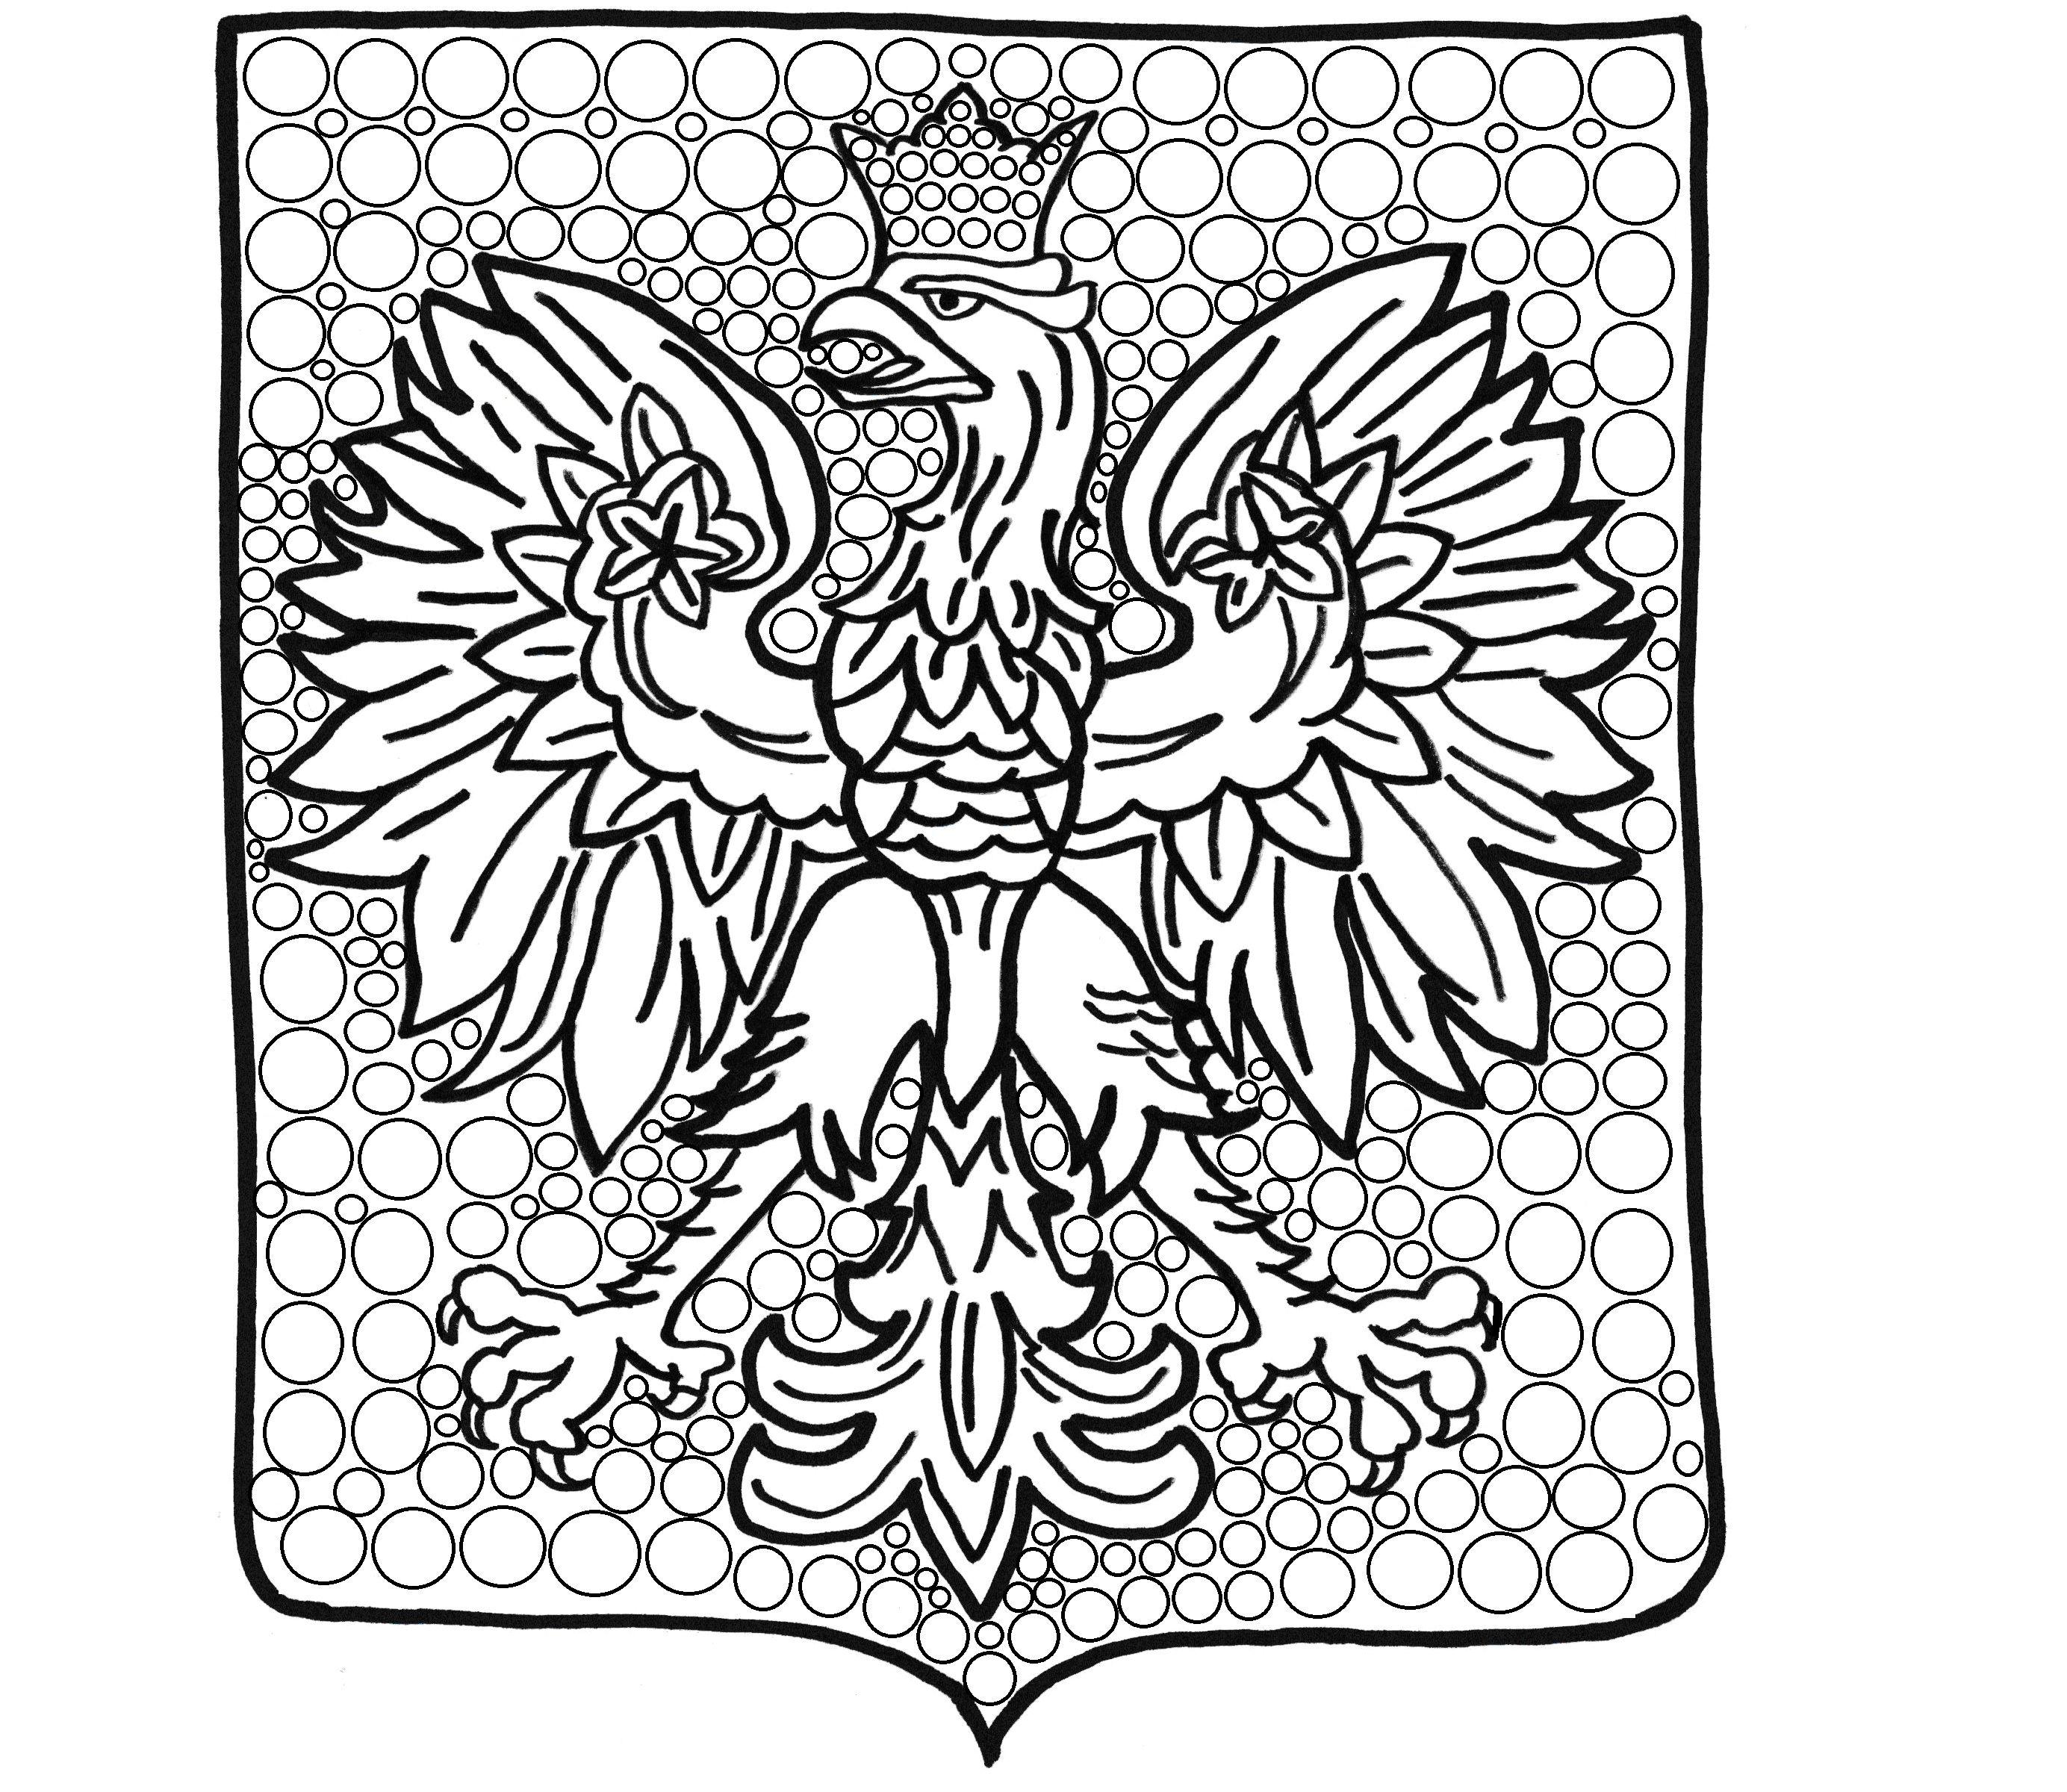 Godlo Polski Do Wyklejania Plastelina Malowania Moje Dzieci Kreatywnie Coloring Pages Arts And Crafts Cards